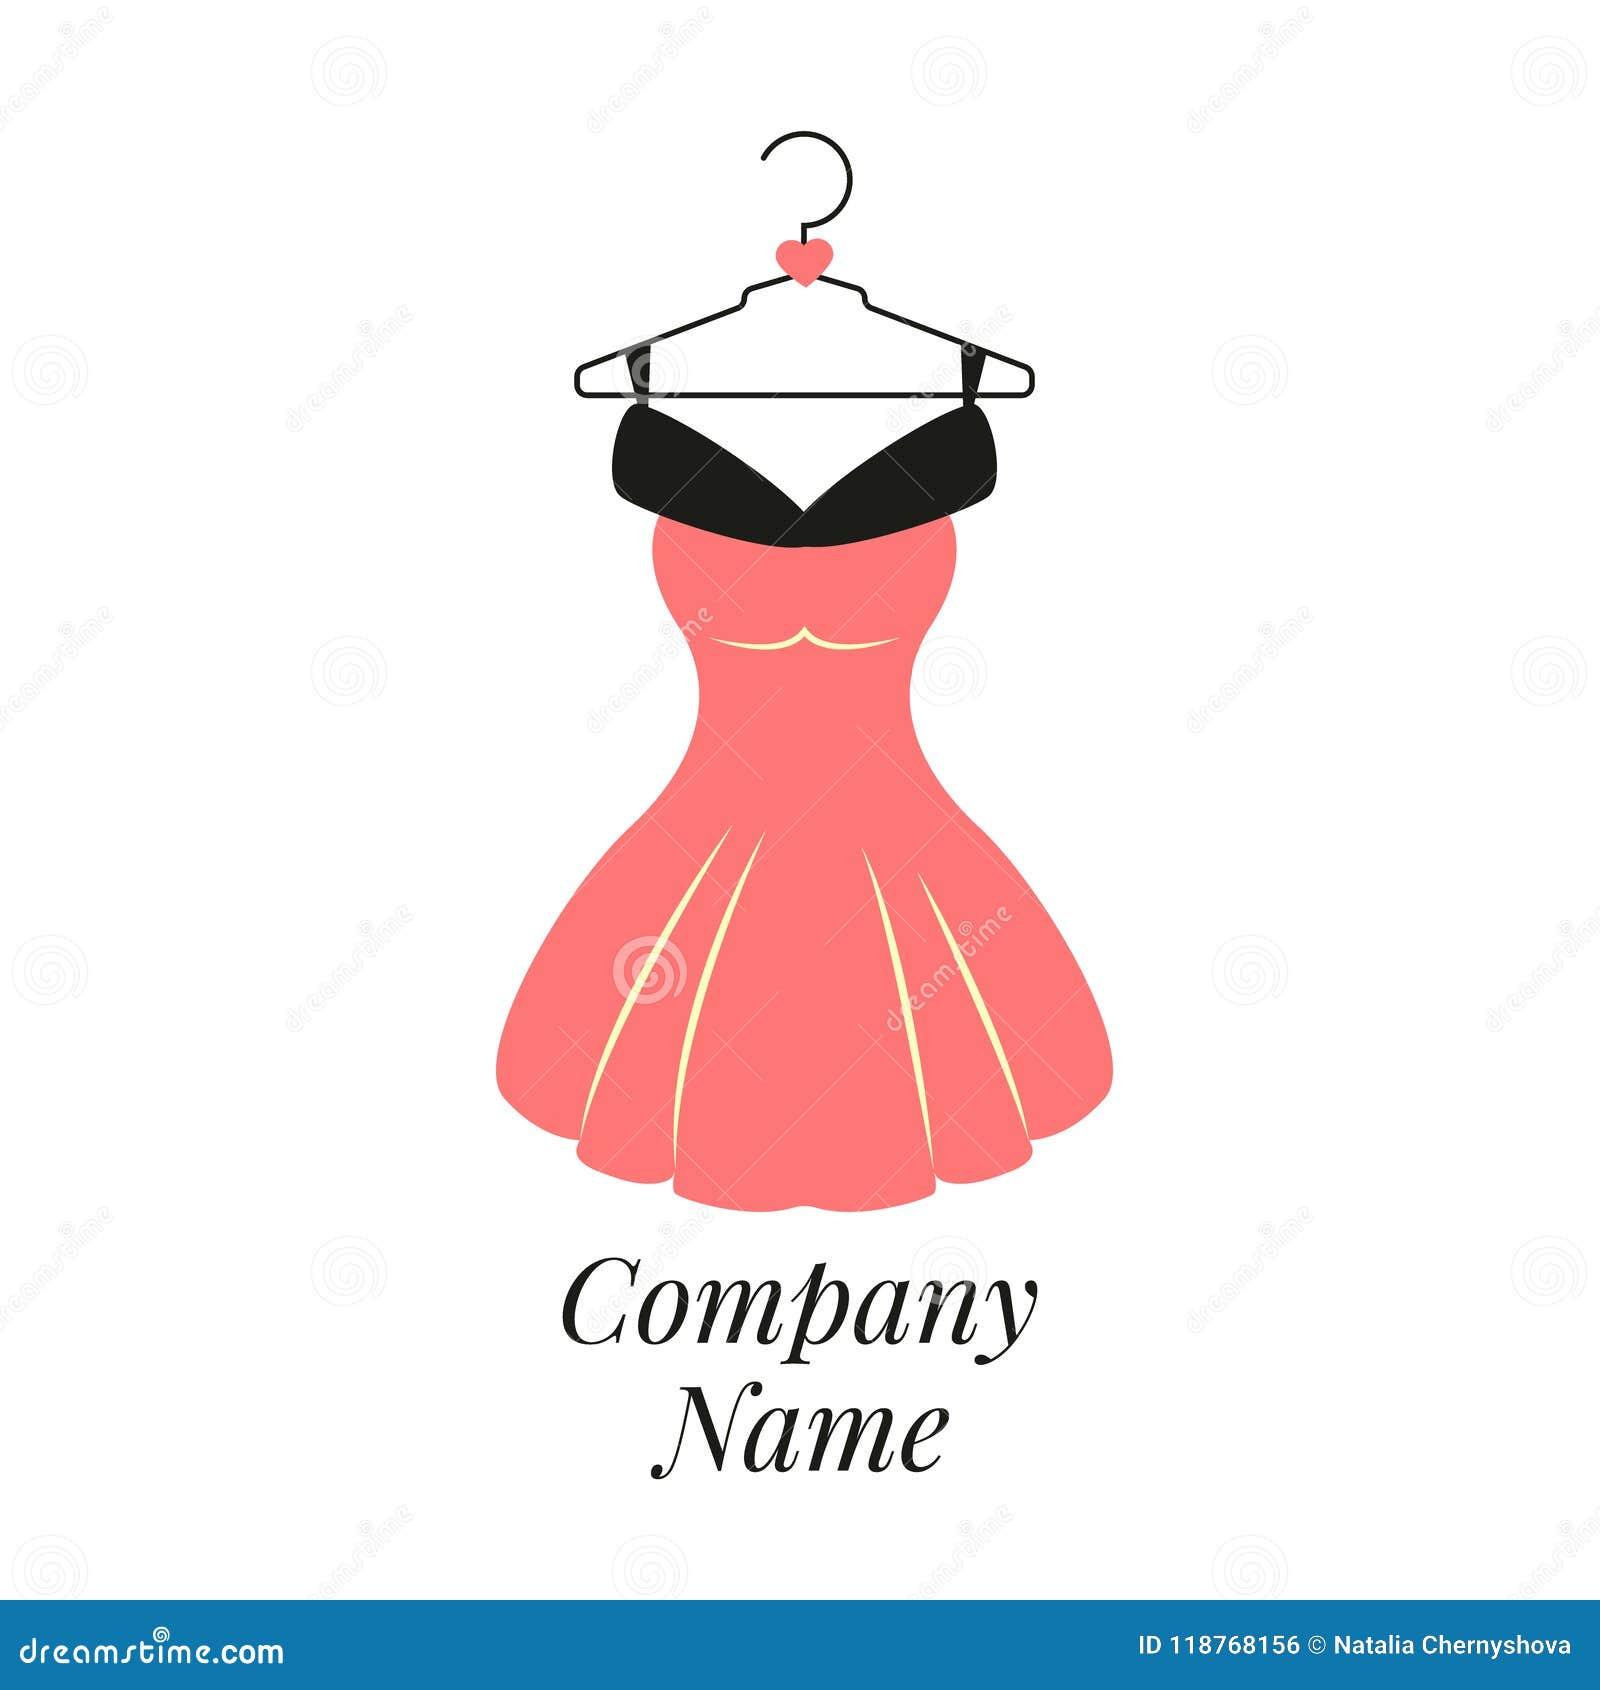 Women fashion logo design template dress emblem stock vector download women fashion logo design template dress emblem stock vector illustration of emblem maxwellsz